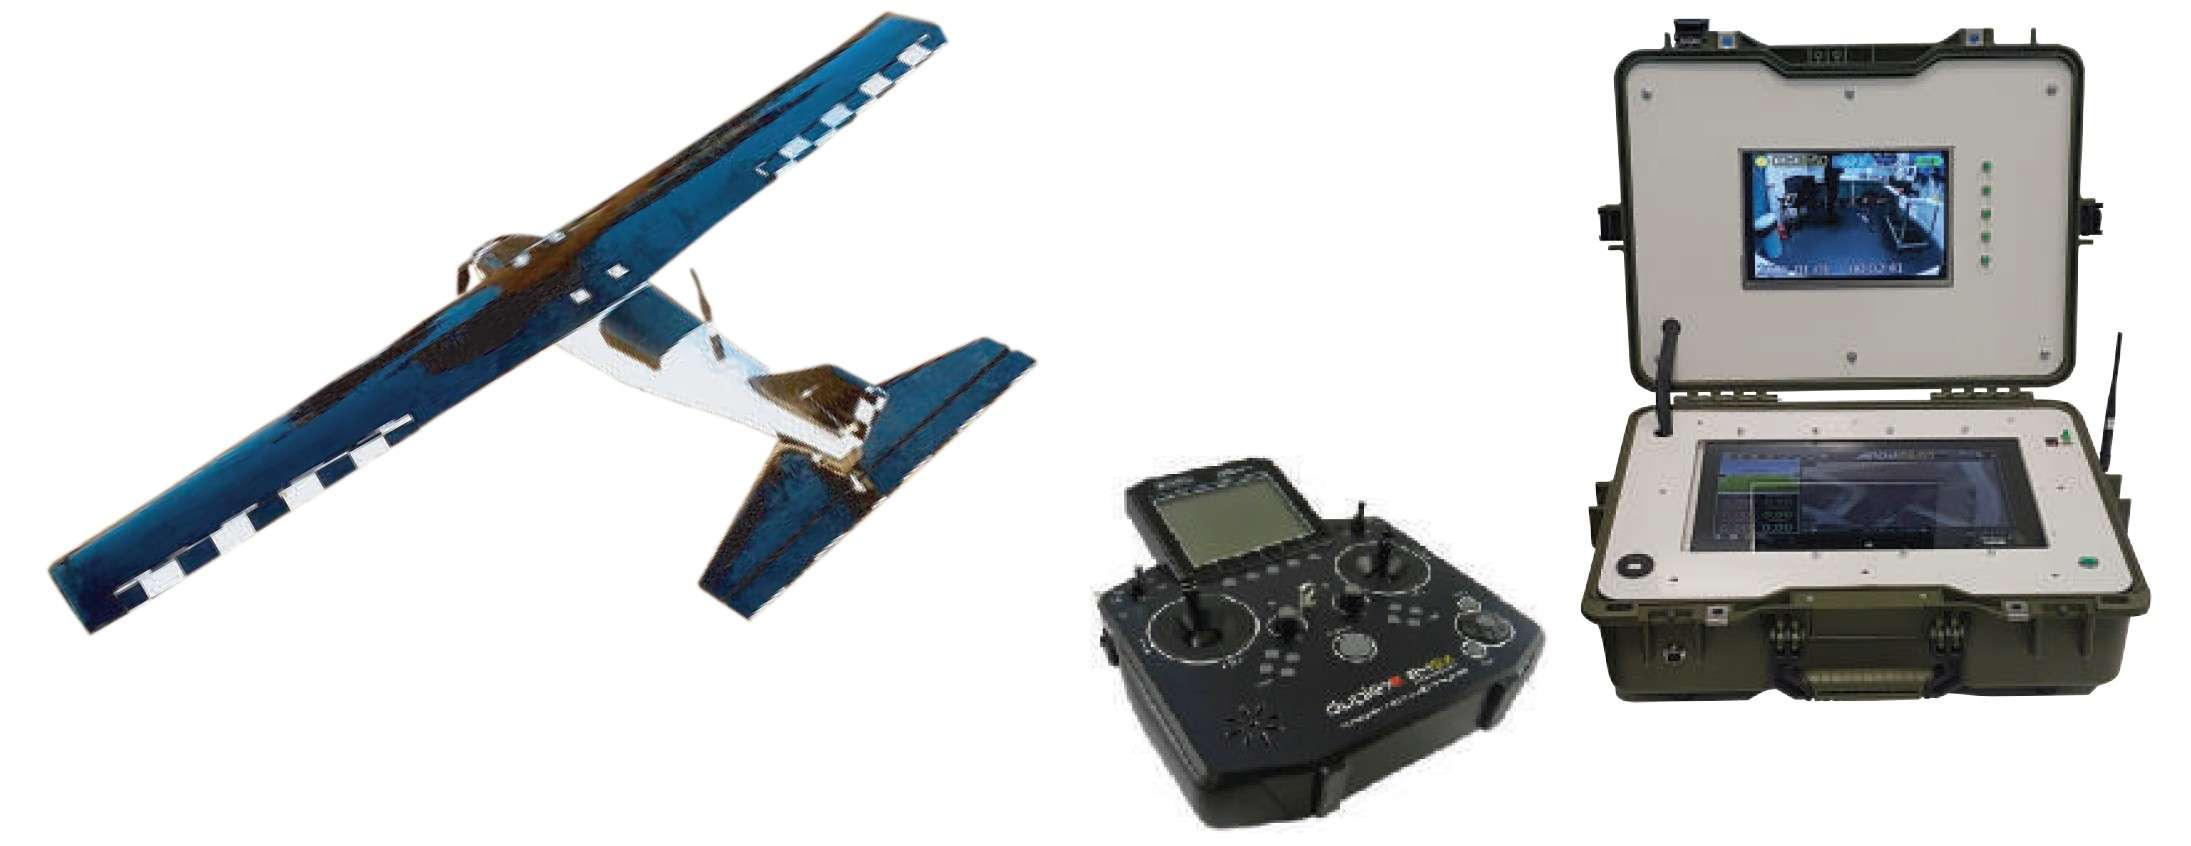 sungur harita dronu